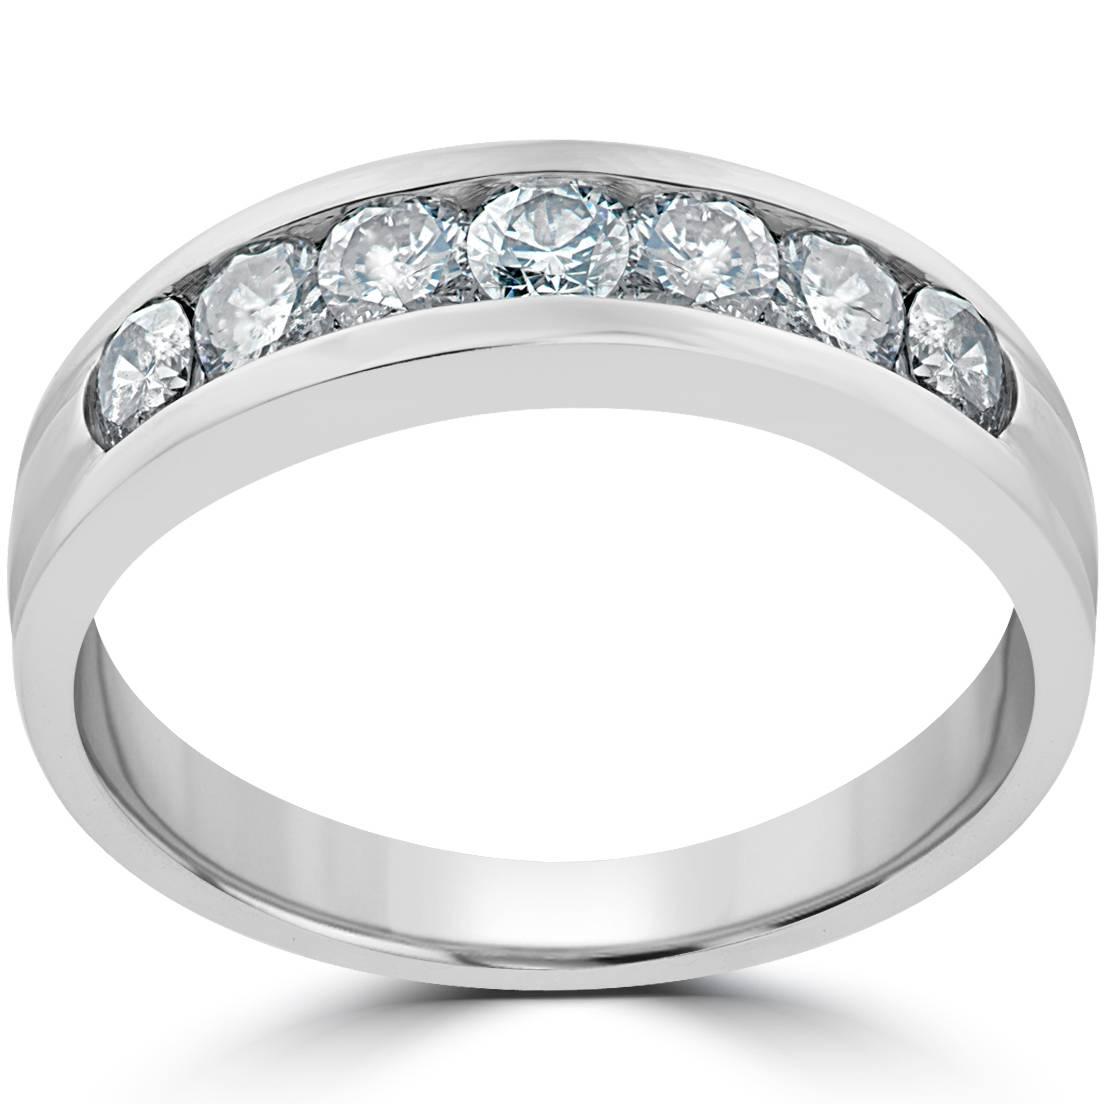 5 8 Ct Diamond Wedding Womens Band 14K White Gold Anniversary Ring